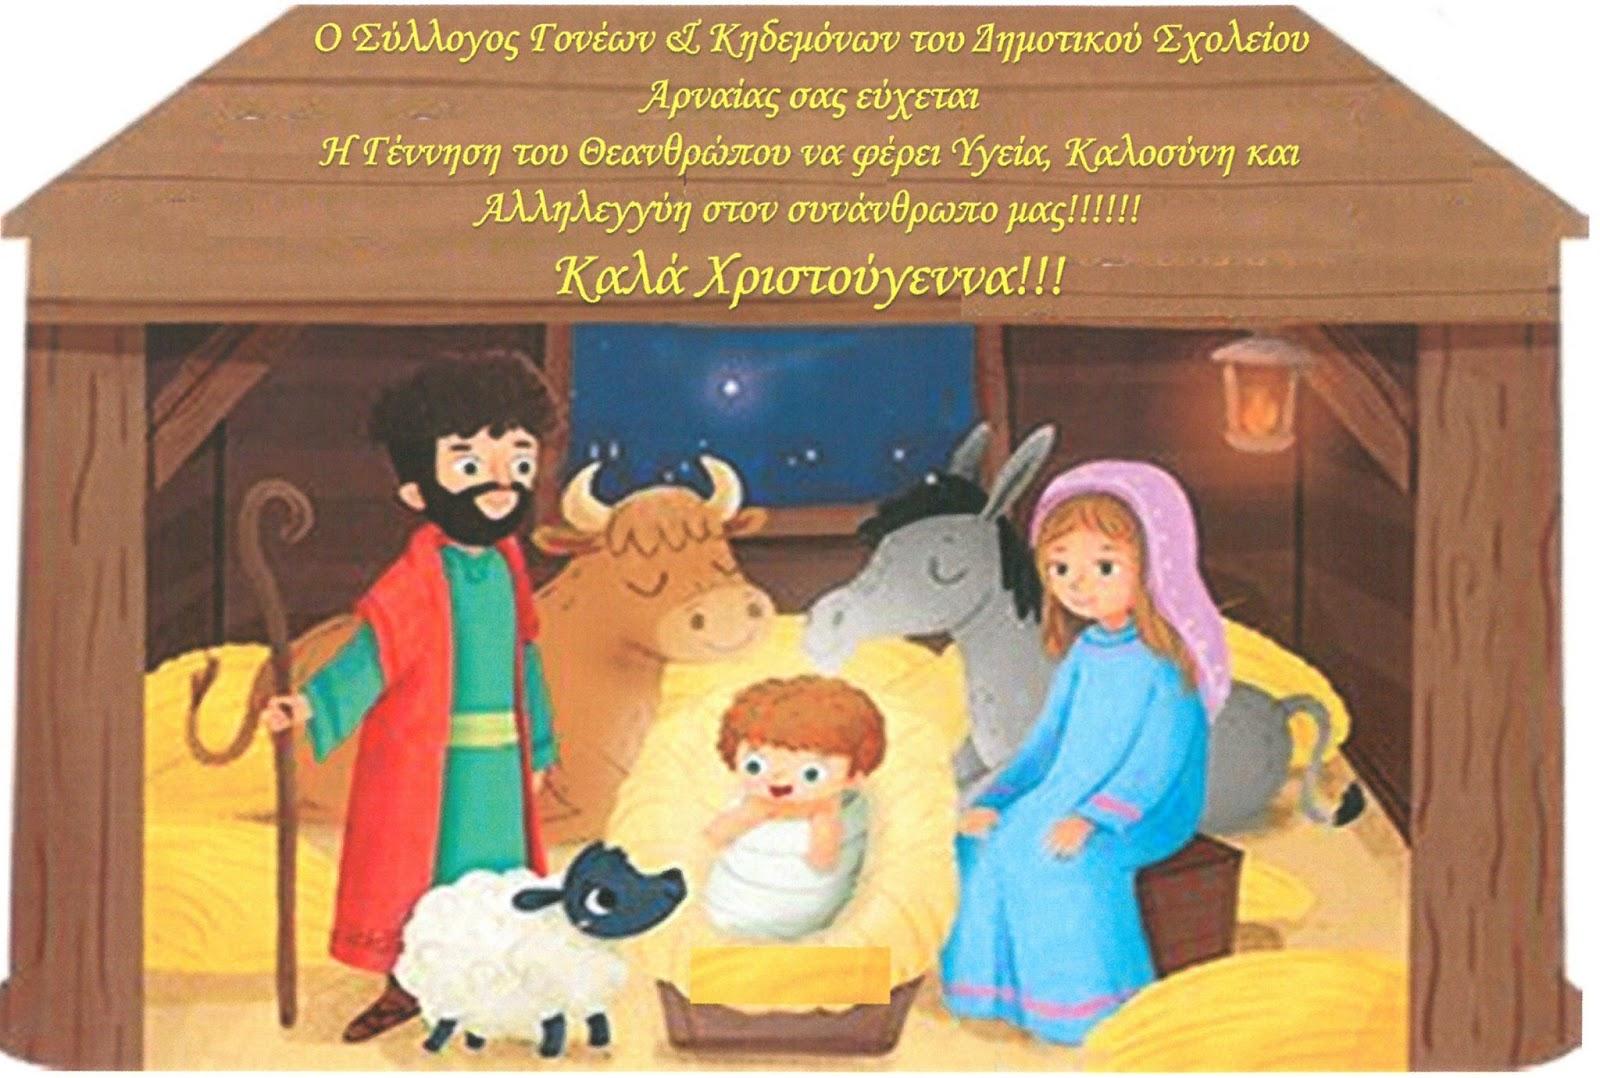 Σύλλογος Γονέων και Κηδεμόνων του Δημοτικού Σχολείου Αρναίας.  Καλά Χριστούγεννα!!!